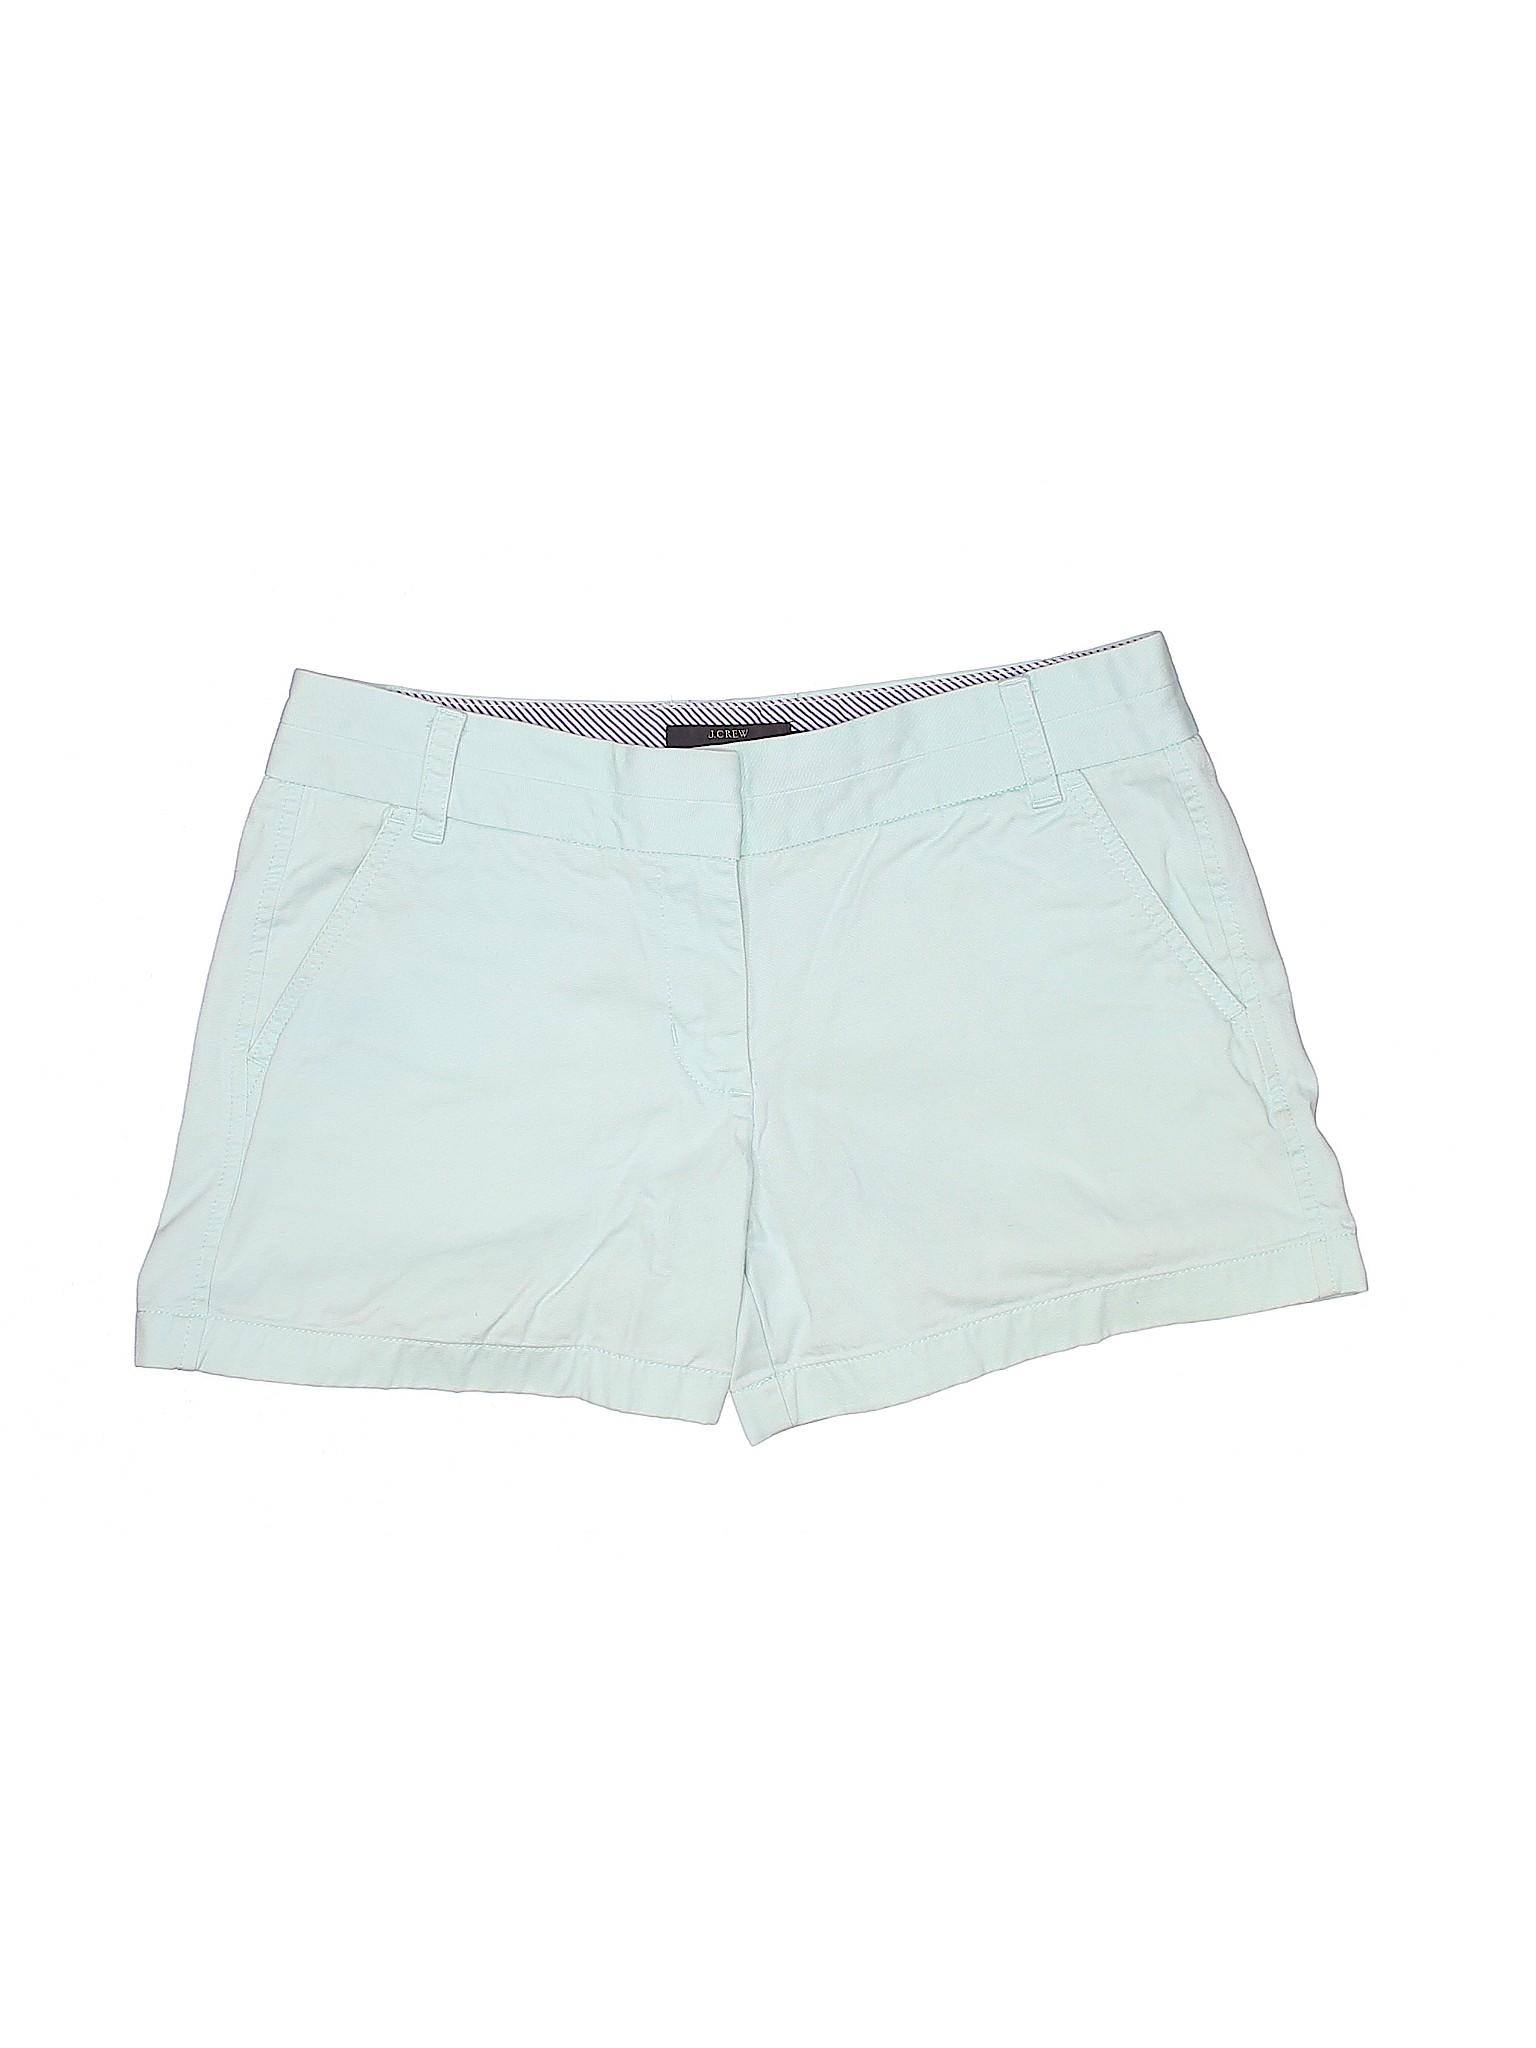 Shorts Boutique Khaki Boutique J J Crew wg80gqH